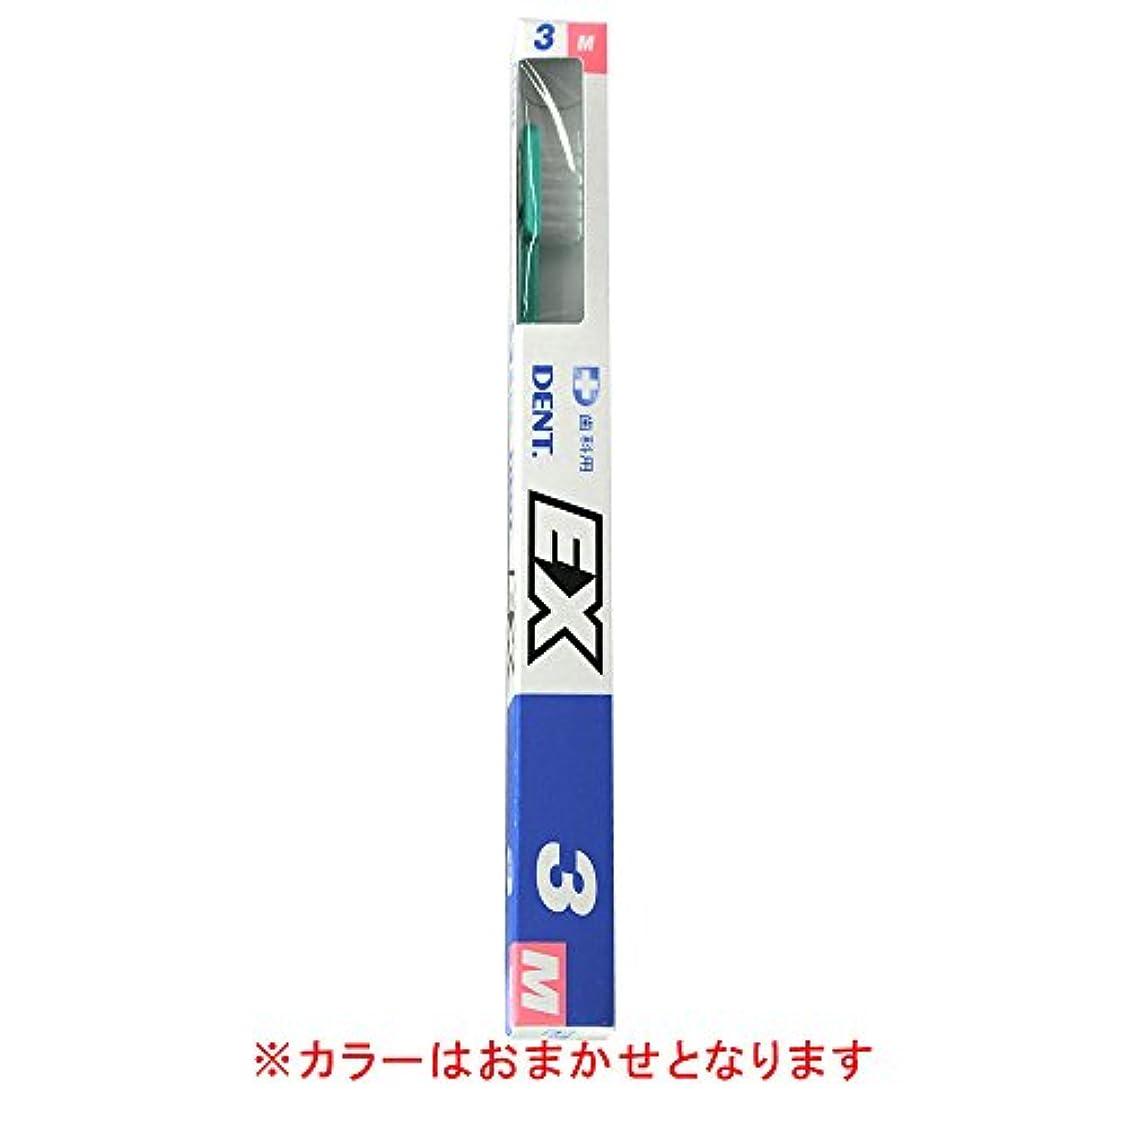 標準違法コックライオン DENT.EX3レギュラー 歯ブラシ1本 (毛の硬さ M)